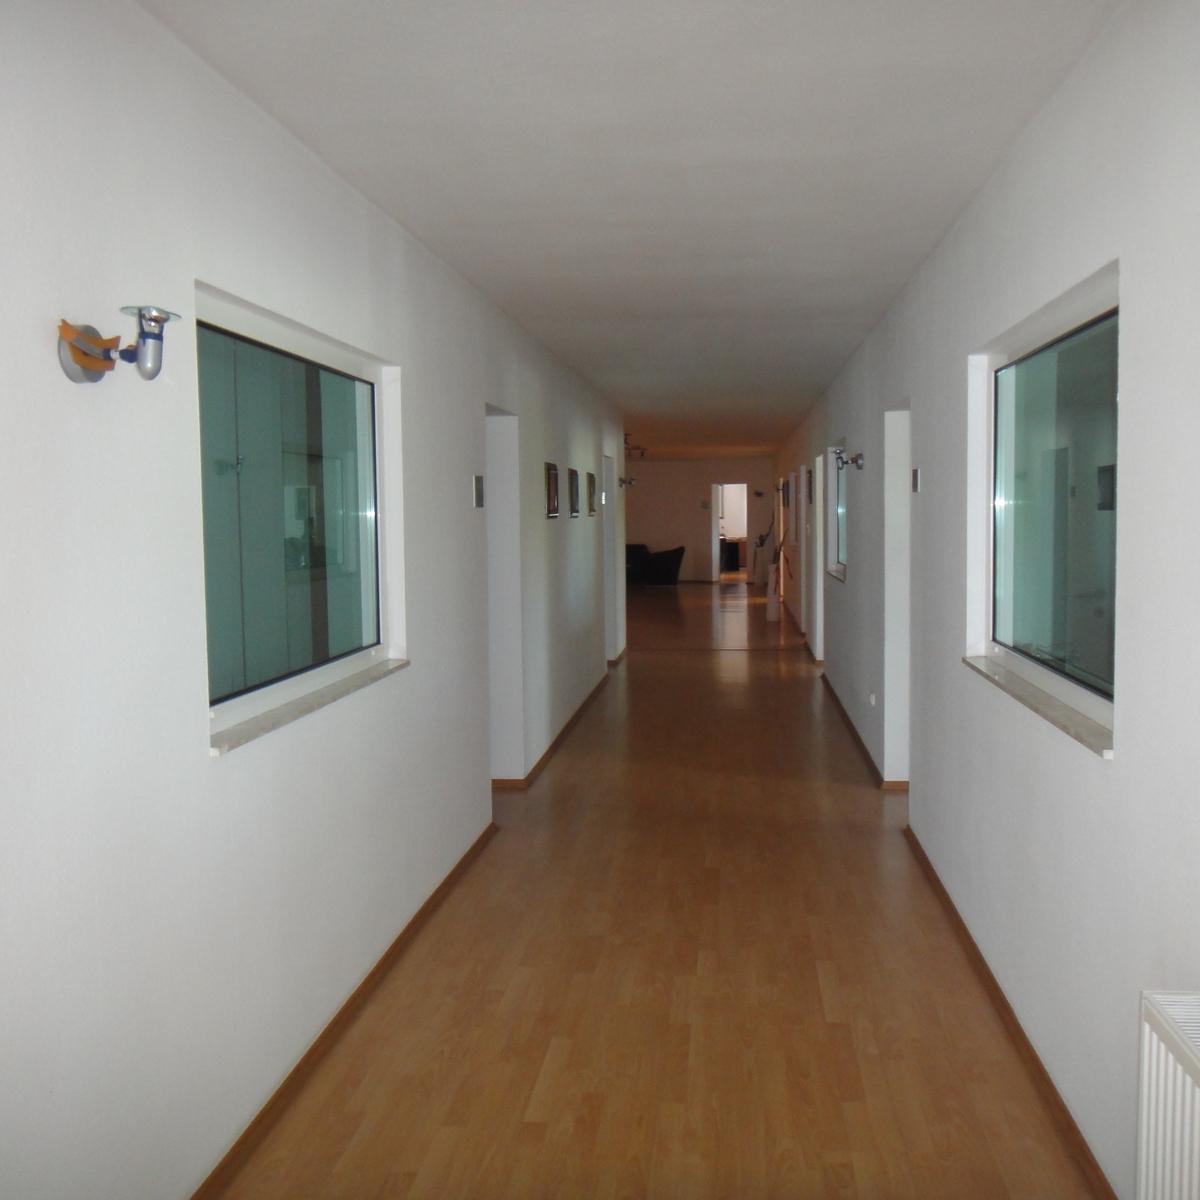 Eladó  ipari ingatlan (Budapest, XVI. kerületBudapest, XVI. kerület) 448 M  Ft +ÁFA